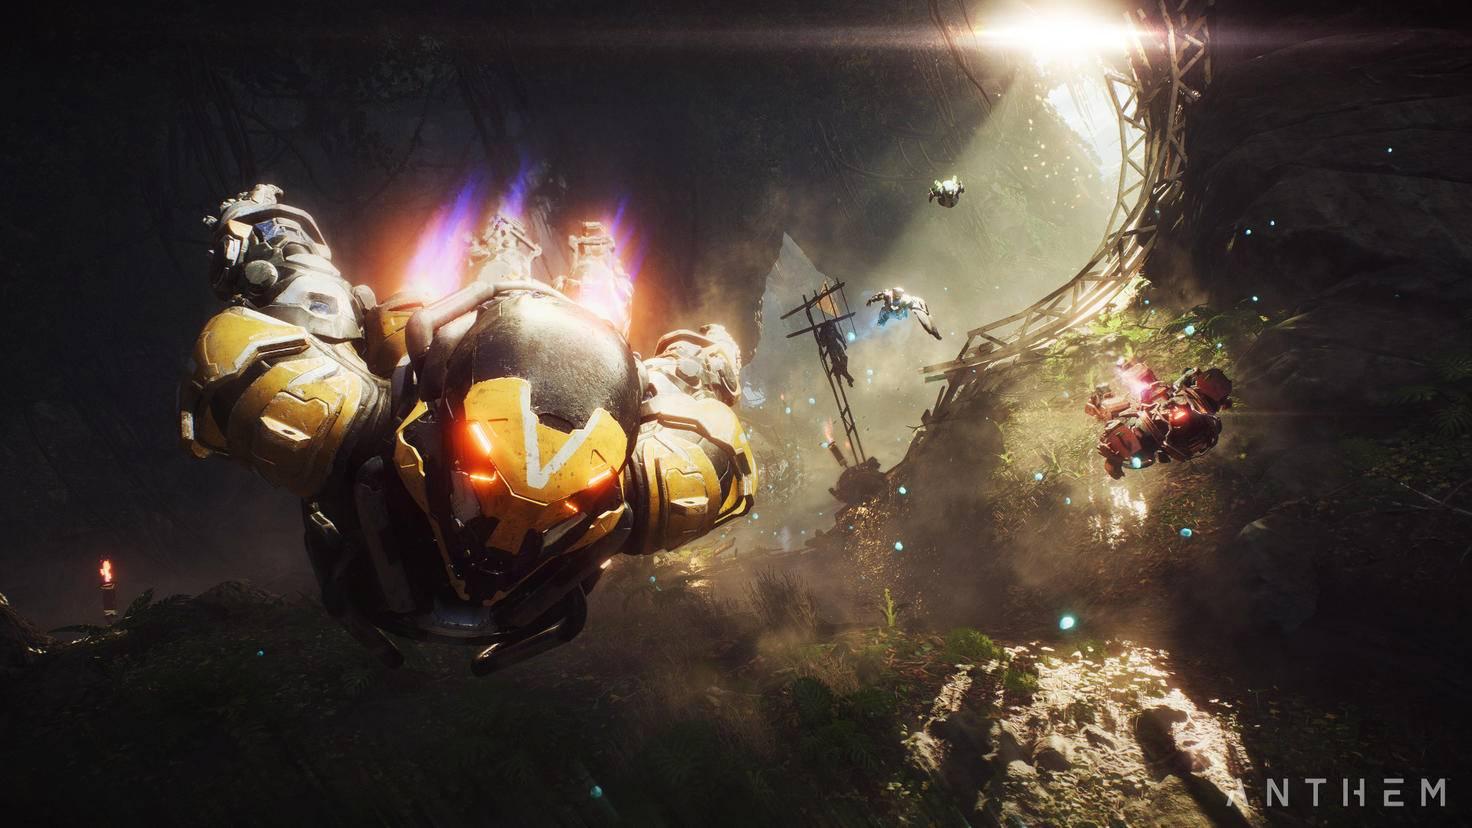 """Quest abholen, rein in den Kampfanzug und zusammen raus in die Wildnis – so soll das Gameplay von """"Anthem"""" ablaufen."""